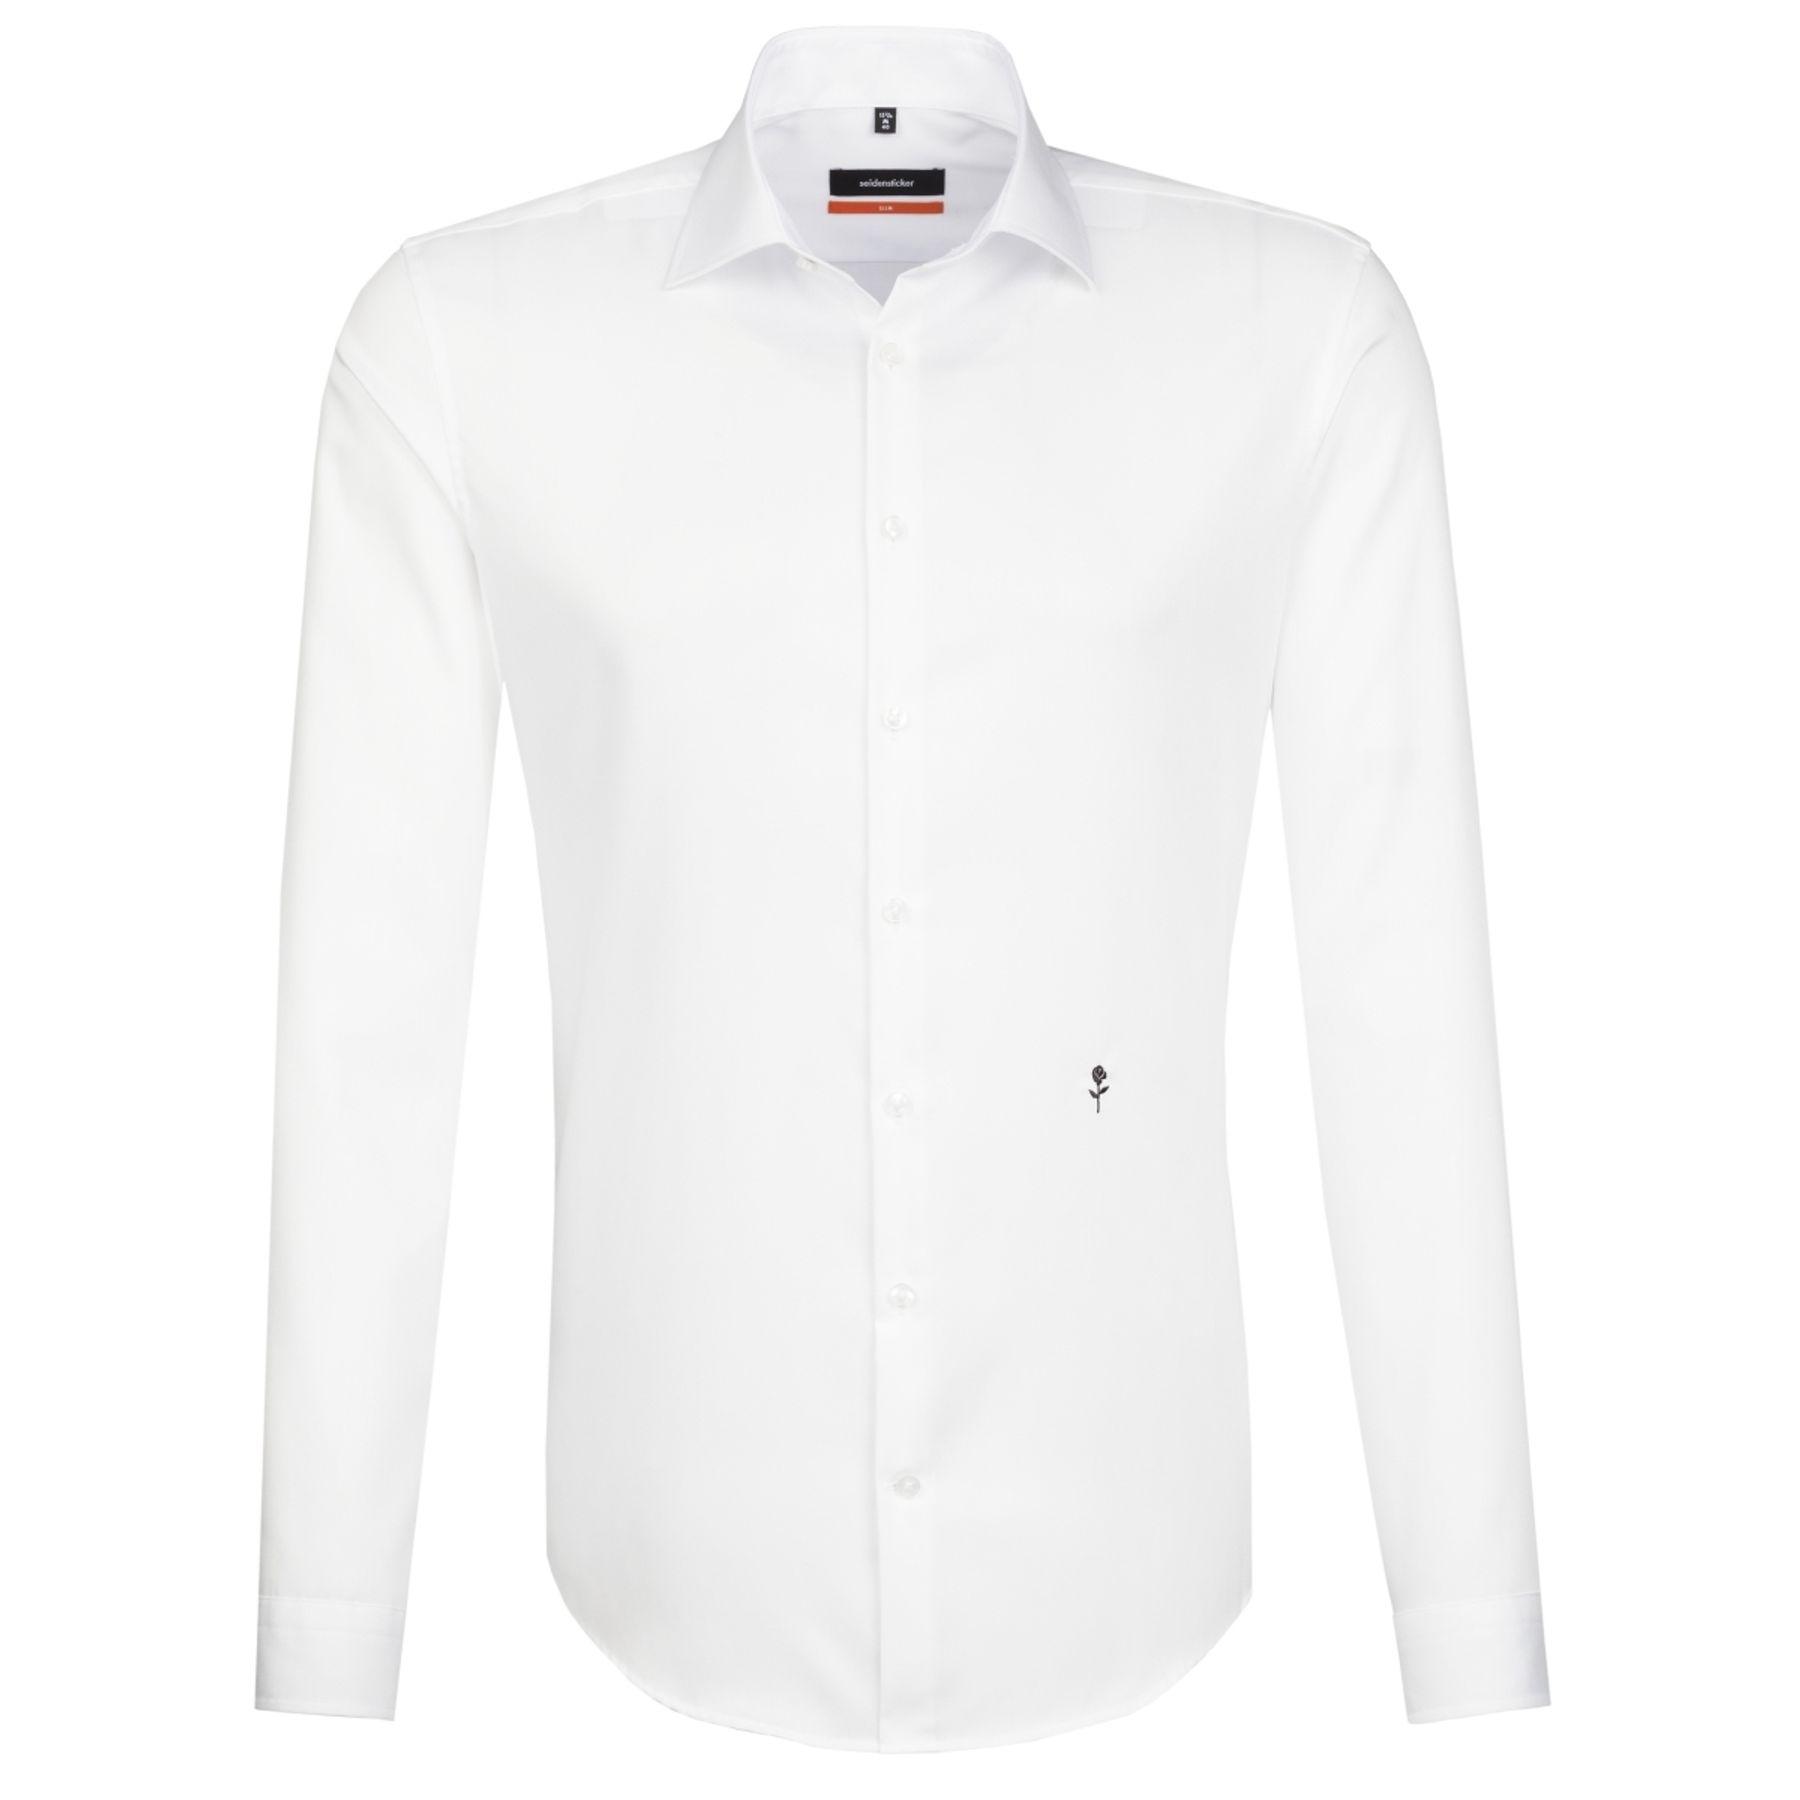 Seidensticker - Herren Hemd, Bügelfrei, Slim, Schwarze Rose mit Kent Kragen in Weiß und Blau  (01.676550) – Bild 1